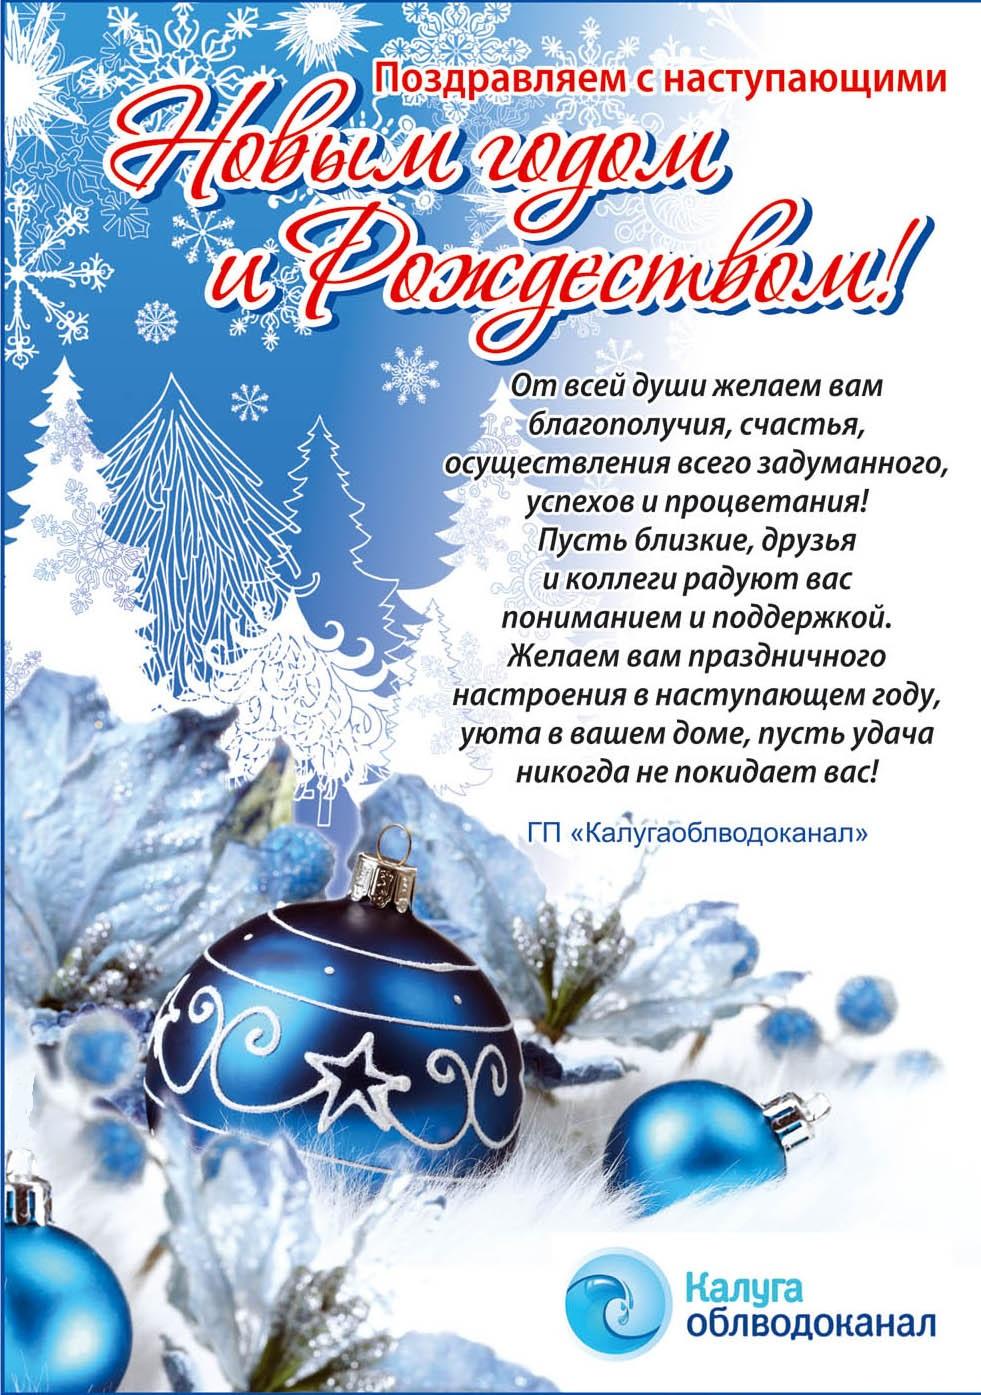 поздравления с наступающими с новым годом и рождеством стихов великой